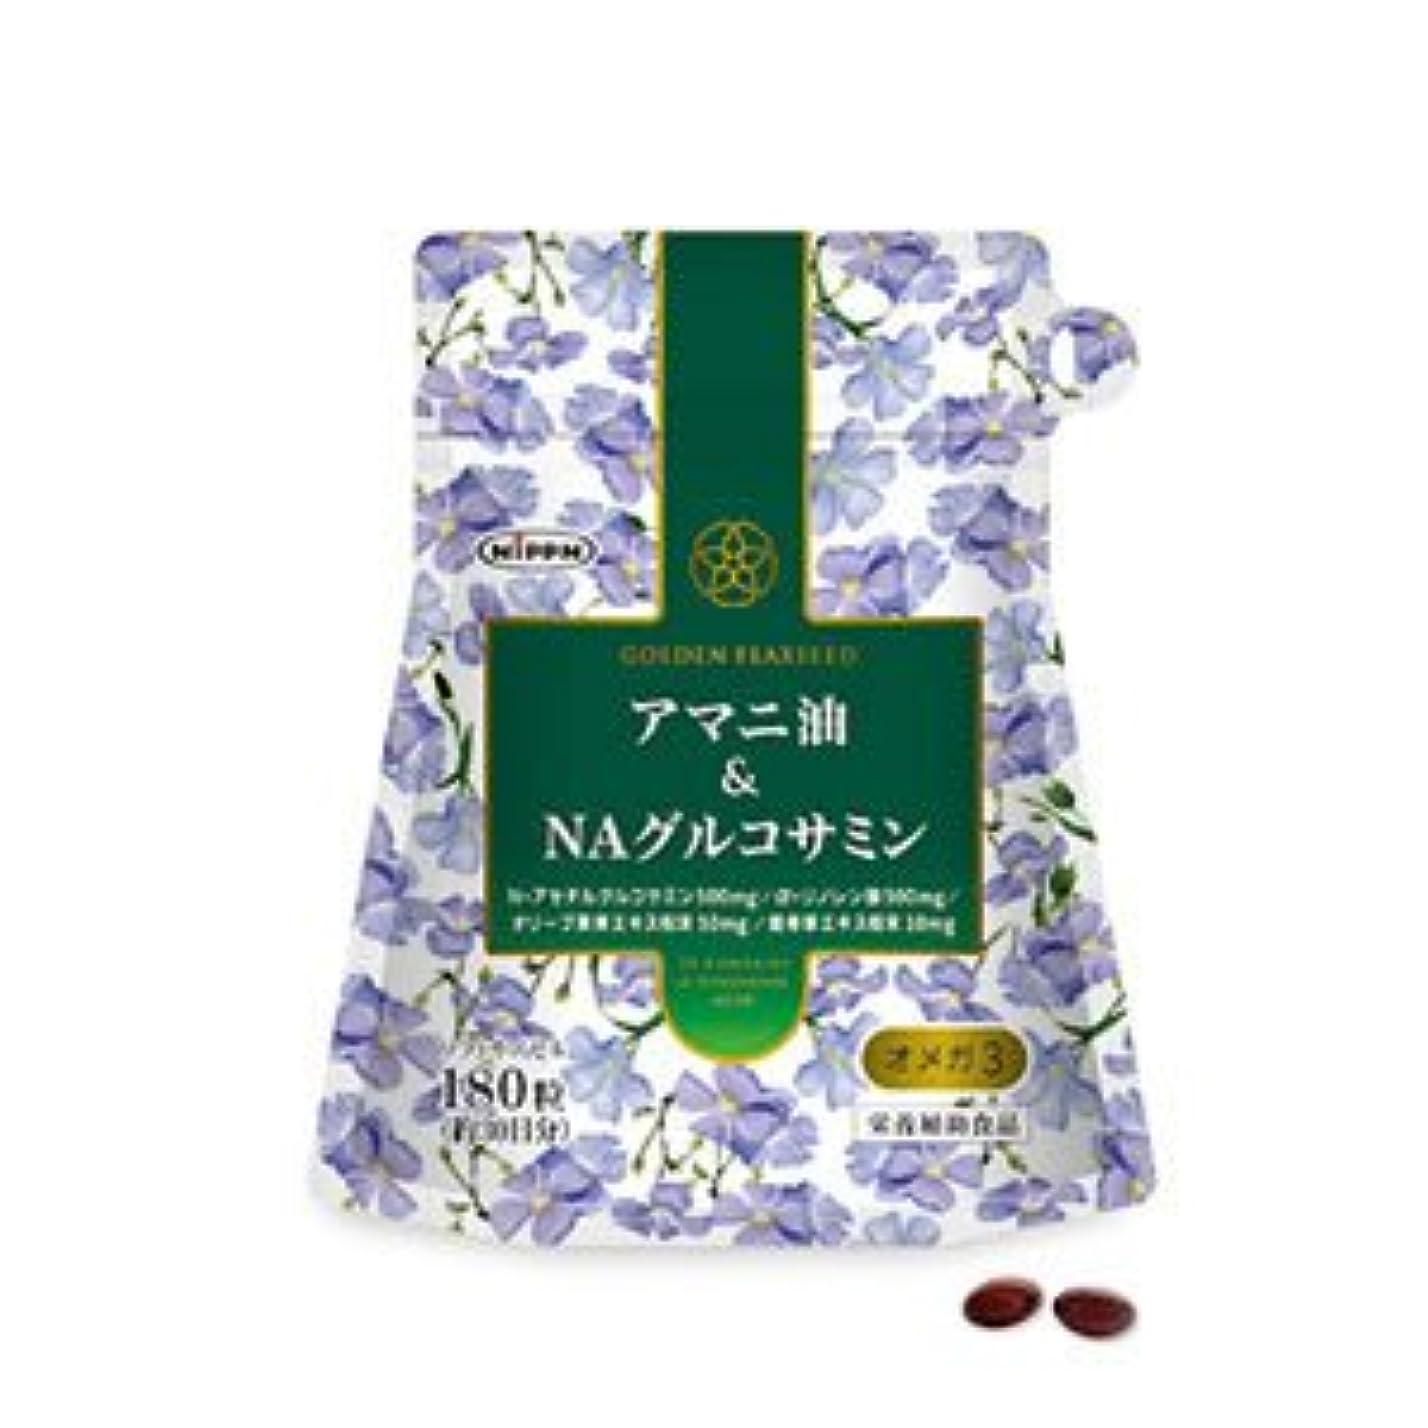 離す些細な代替アマニ油&NAグルコサミン 180粒(お買い得3個セット)